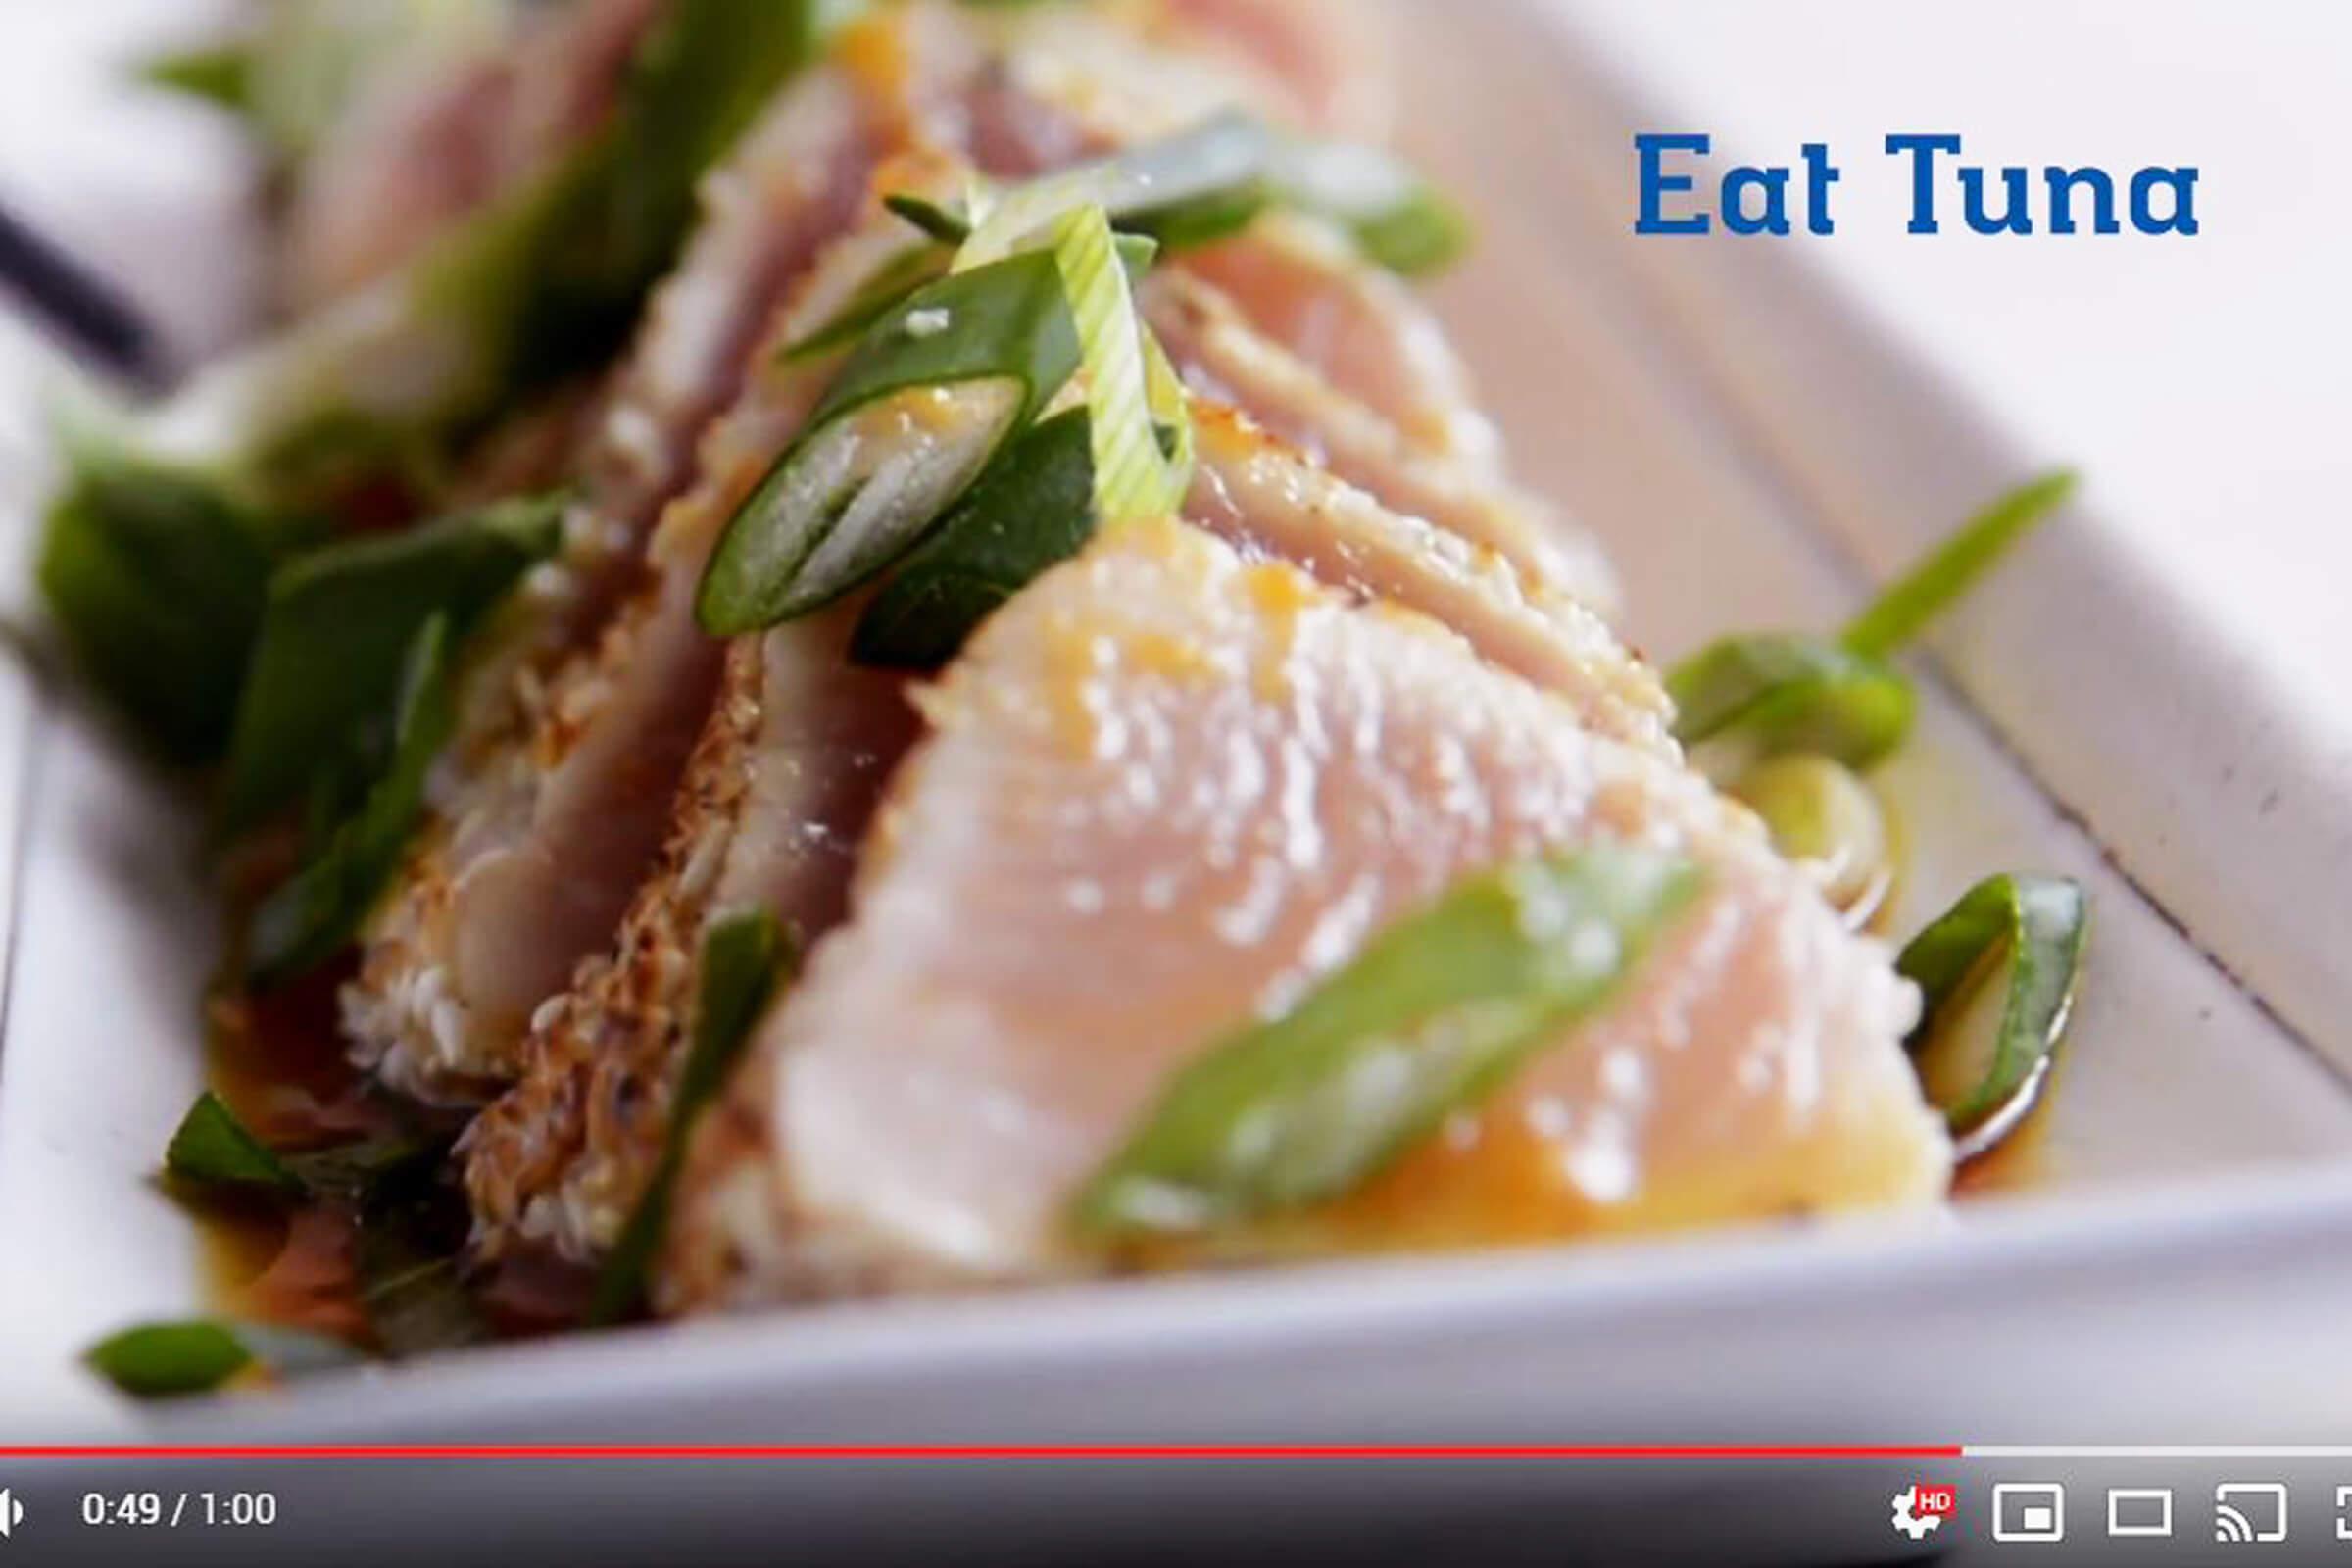 Seared albacore tuna recipe